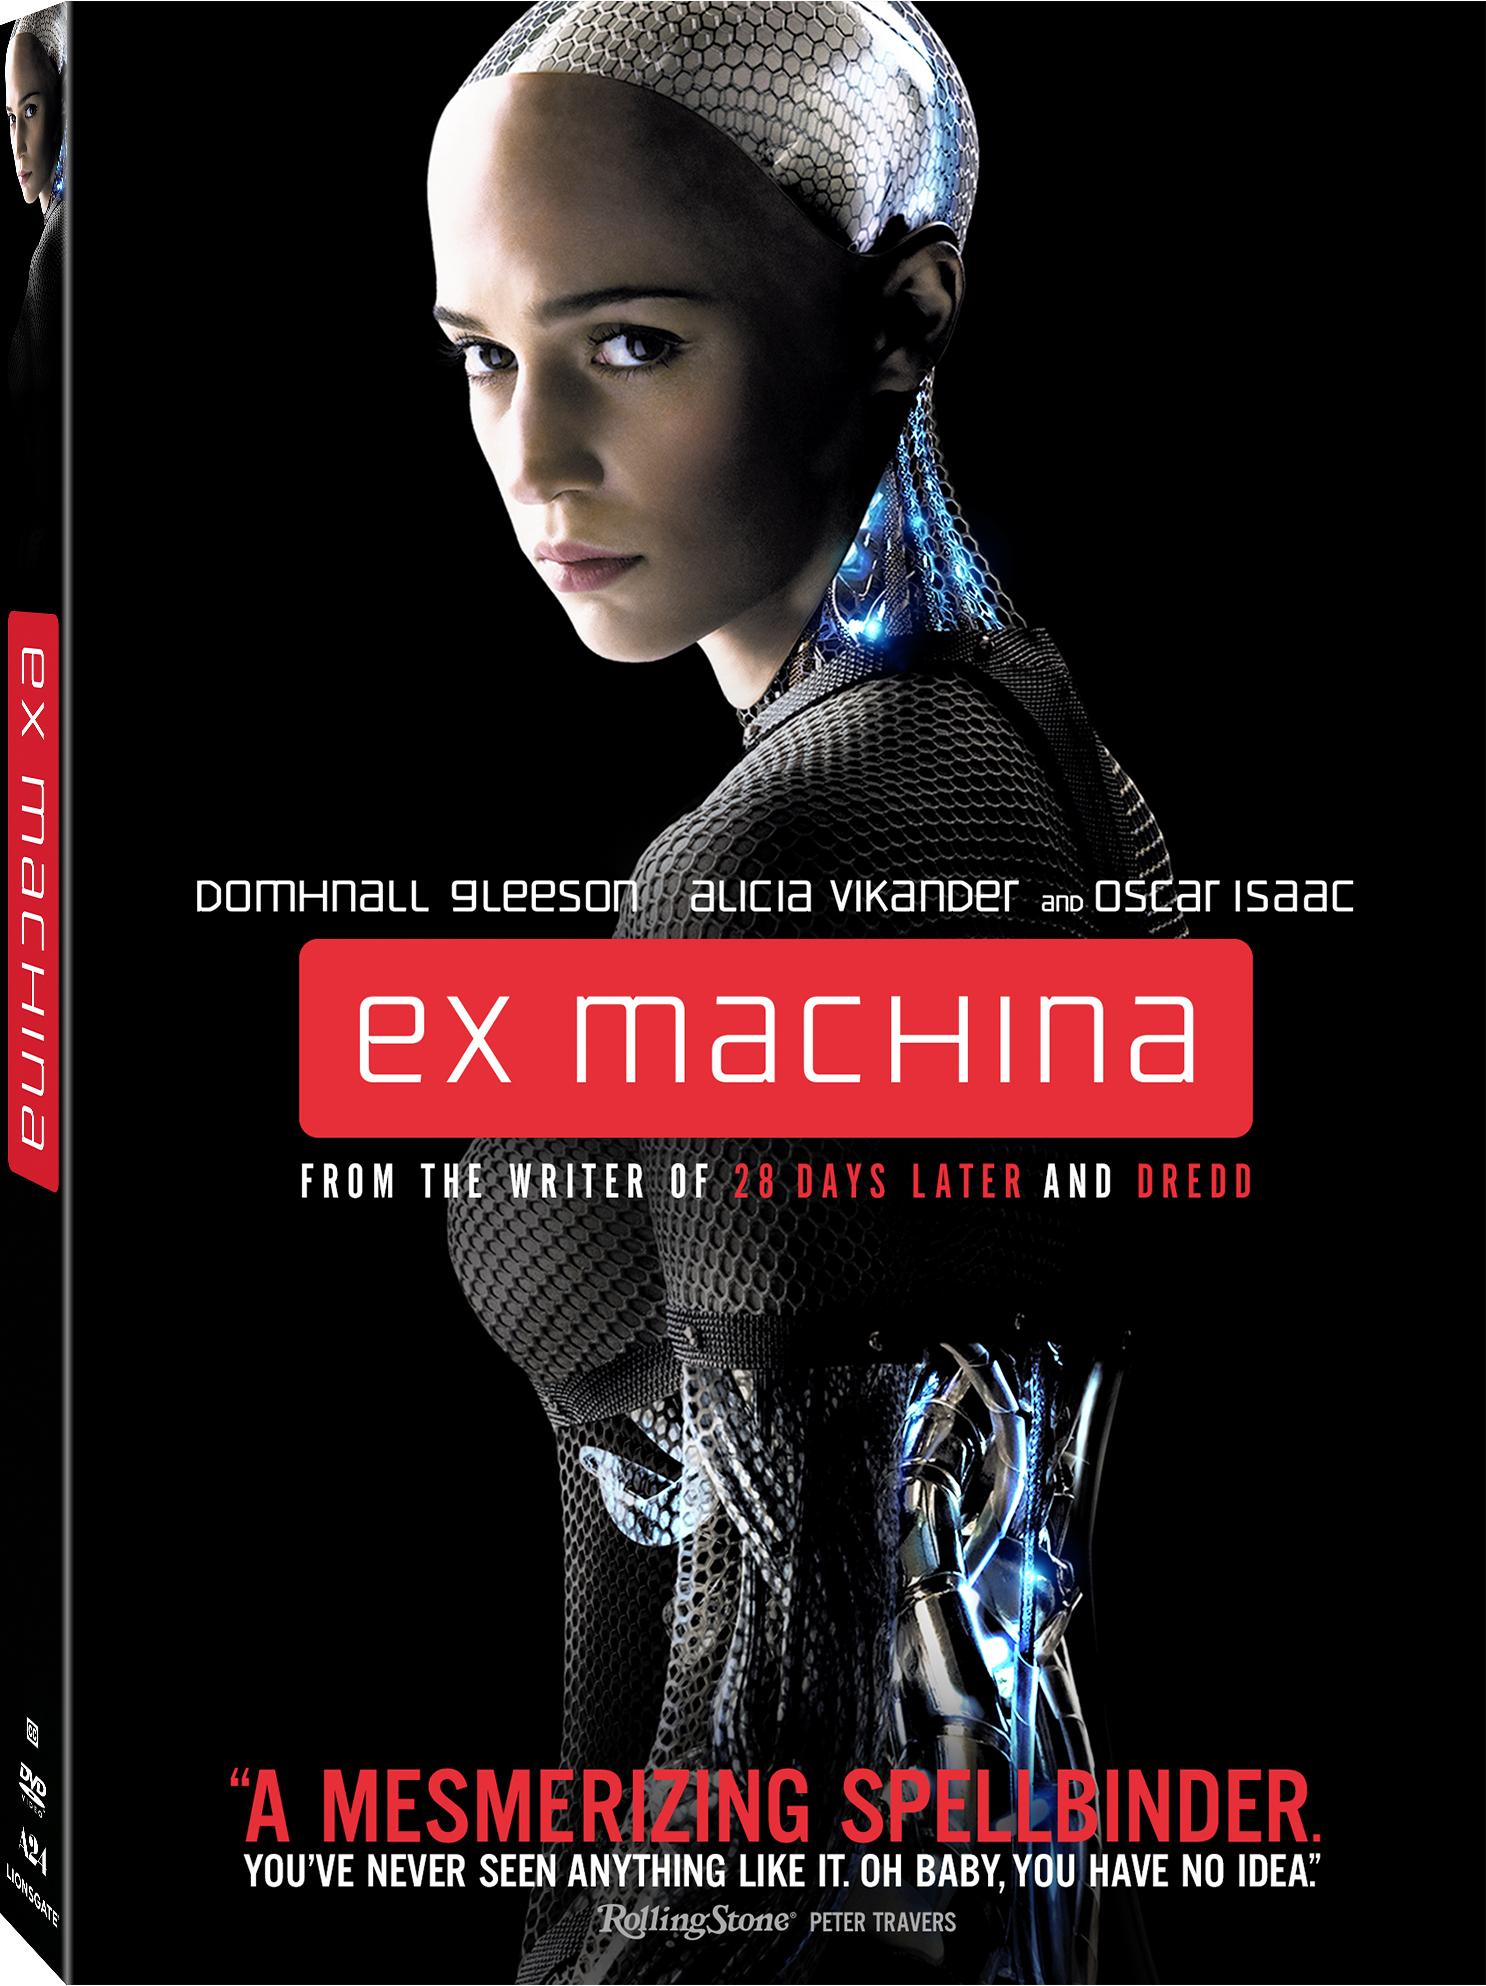 Ex-Machina  DVD Review